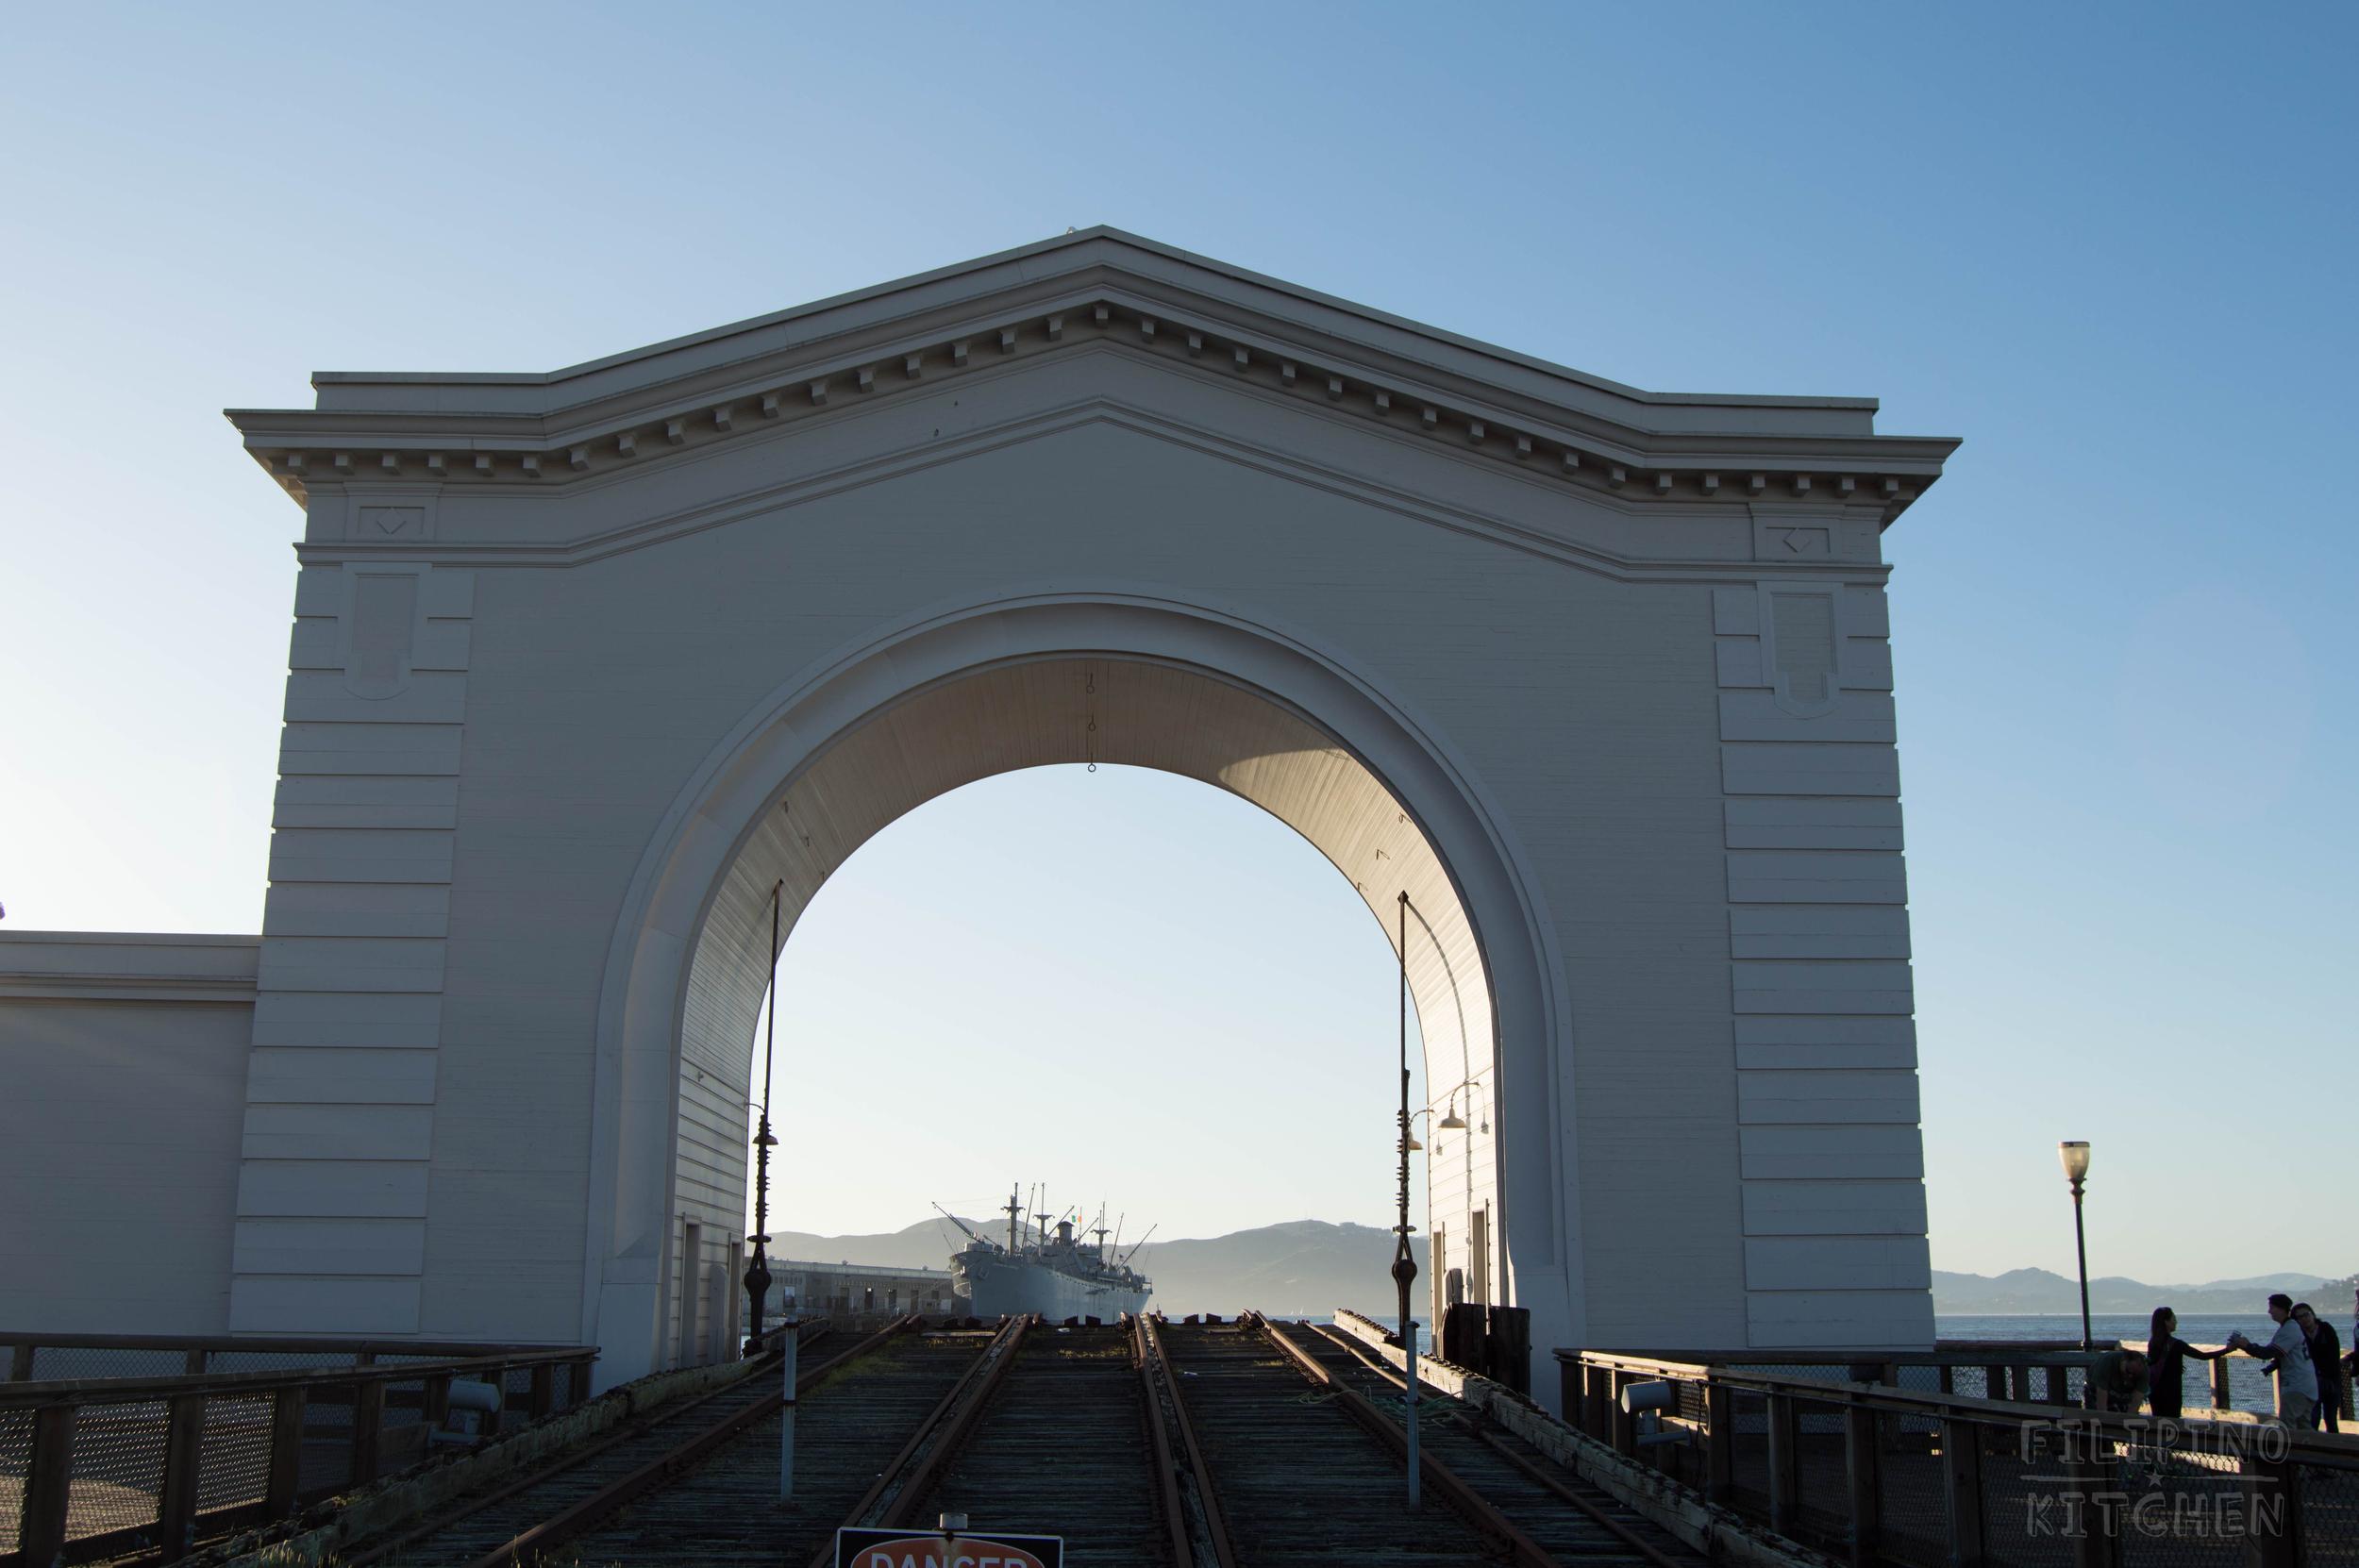 Near Pier 39